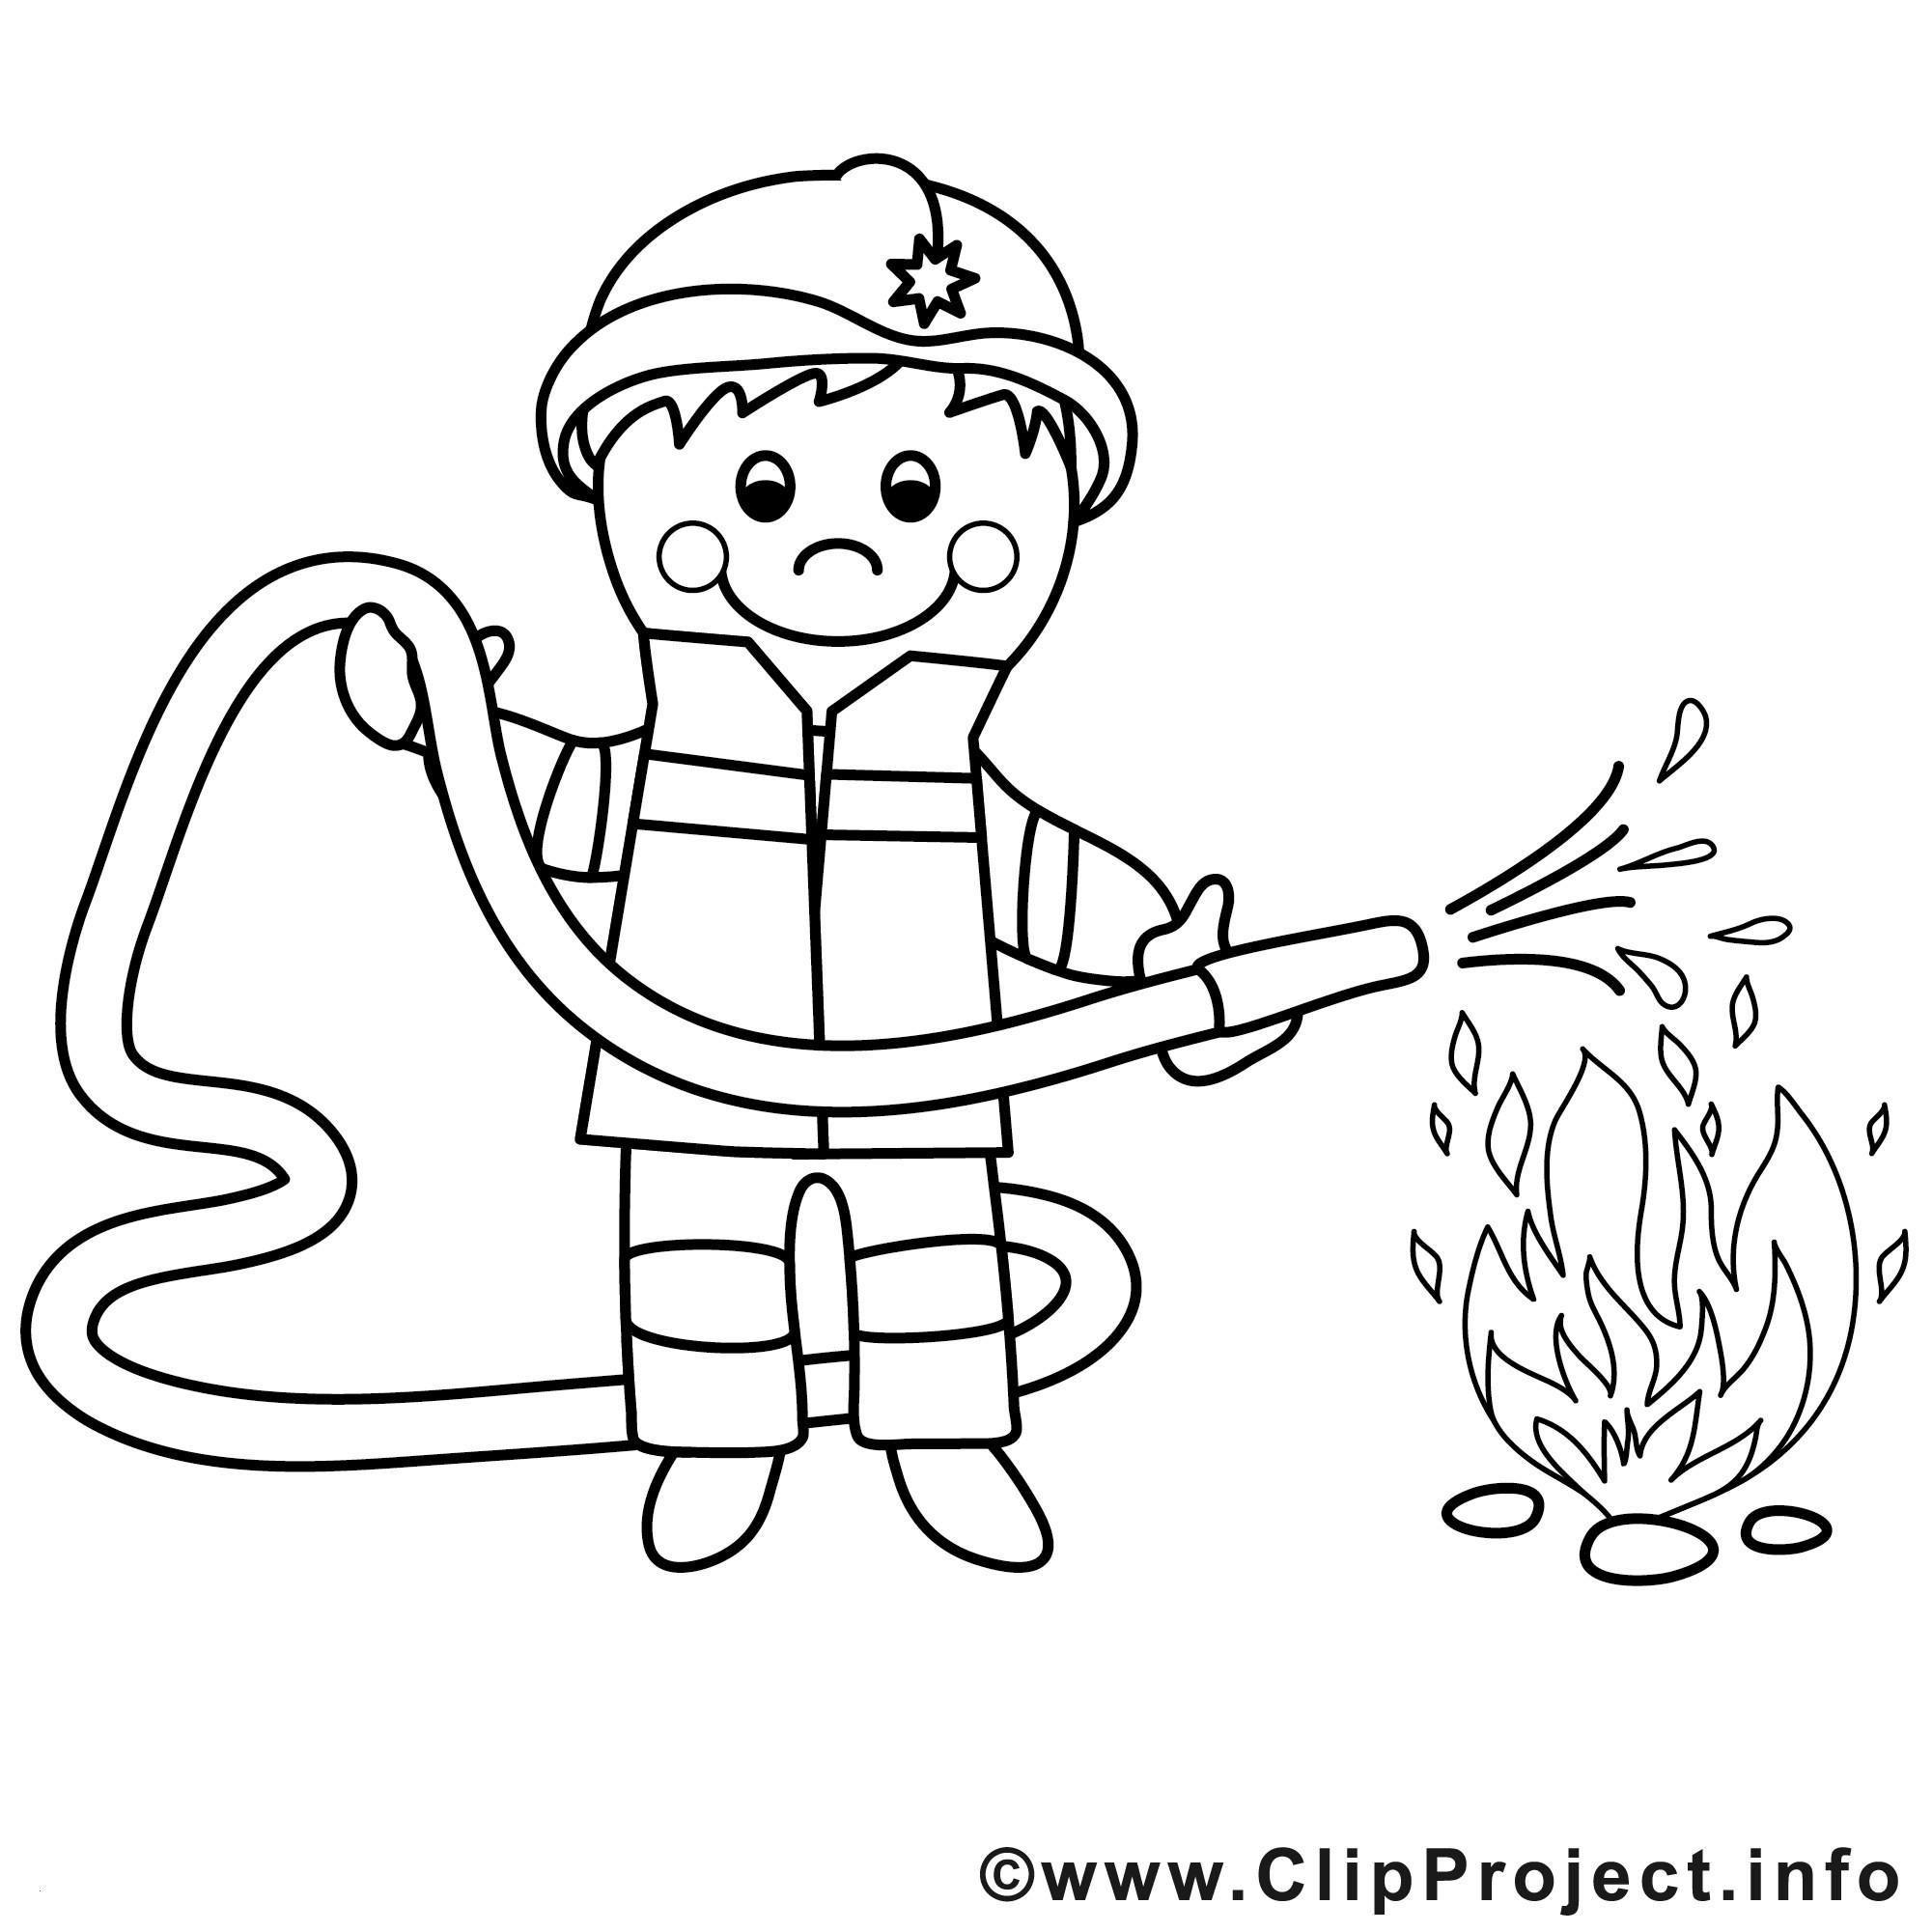 Ausmalbilder Feuerwehrmann Sam Neu Feuerwehrmann Bilder Zum Ausdrucken Unglaublich 35 Ausmalbilder Bilder